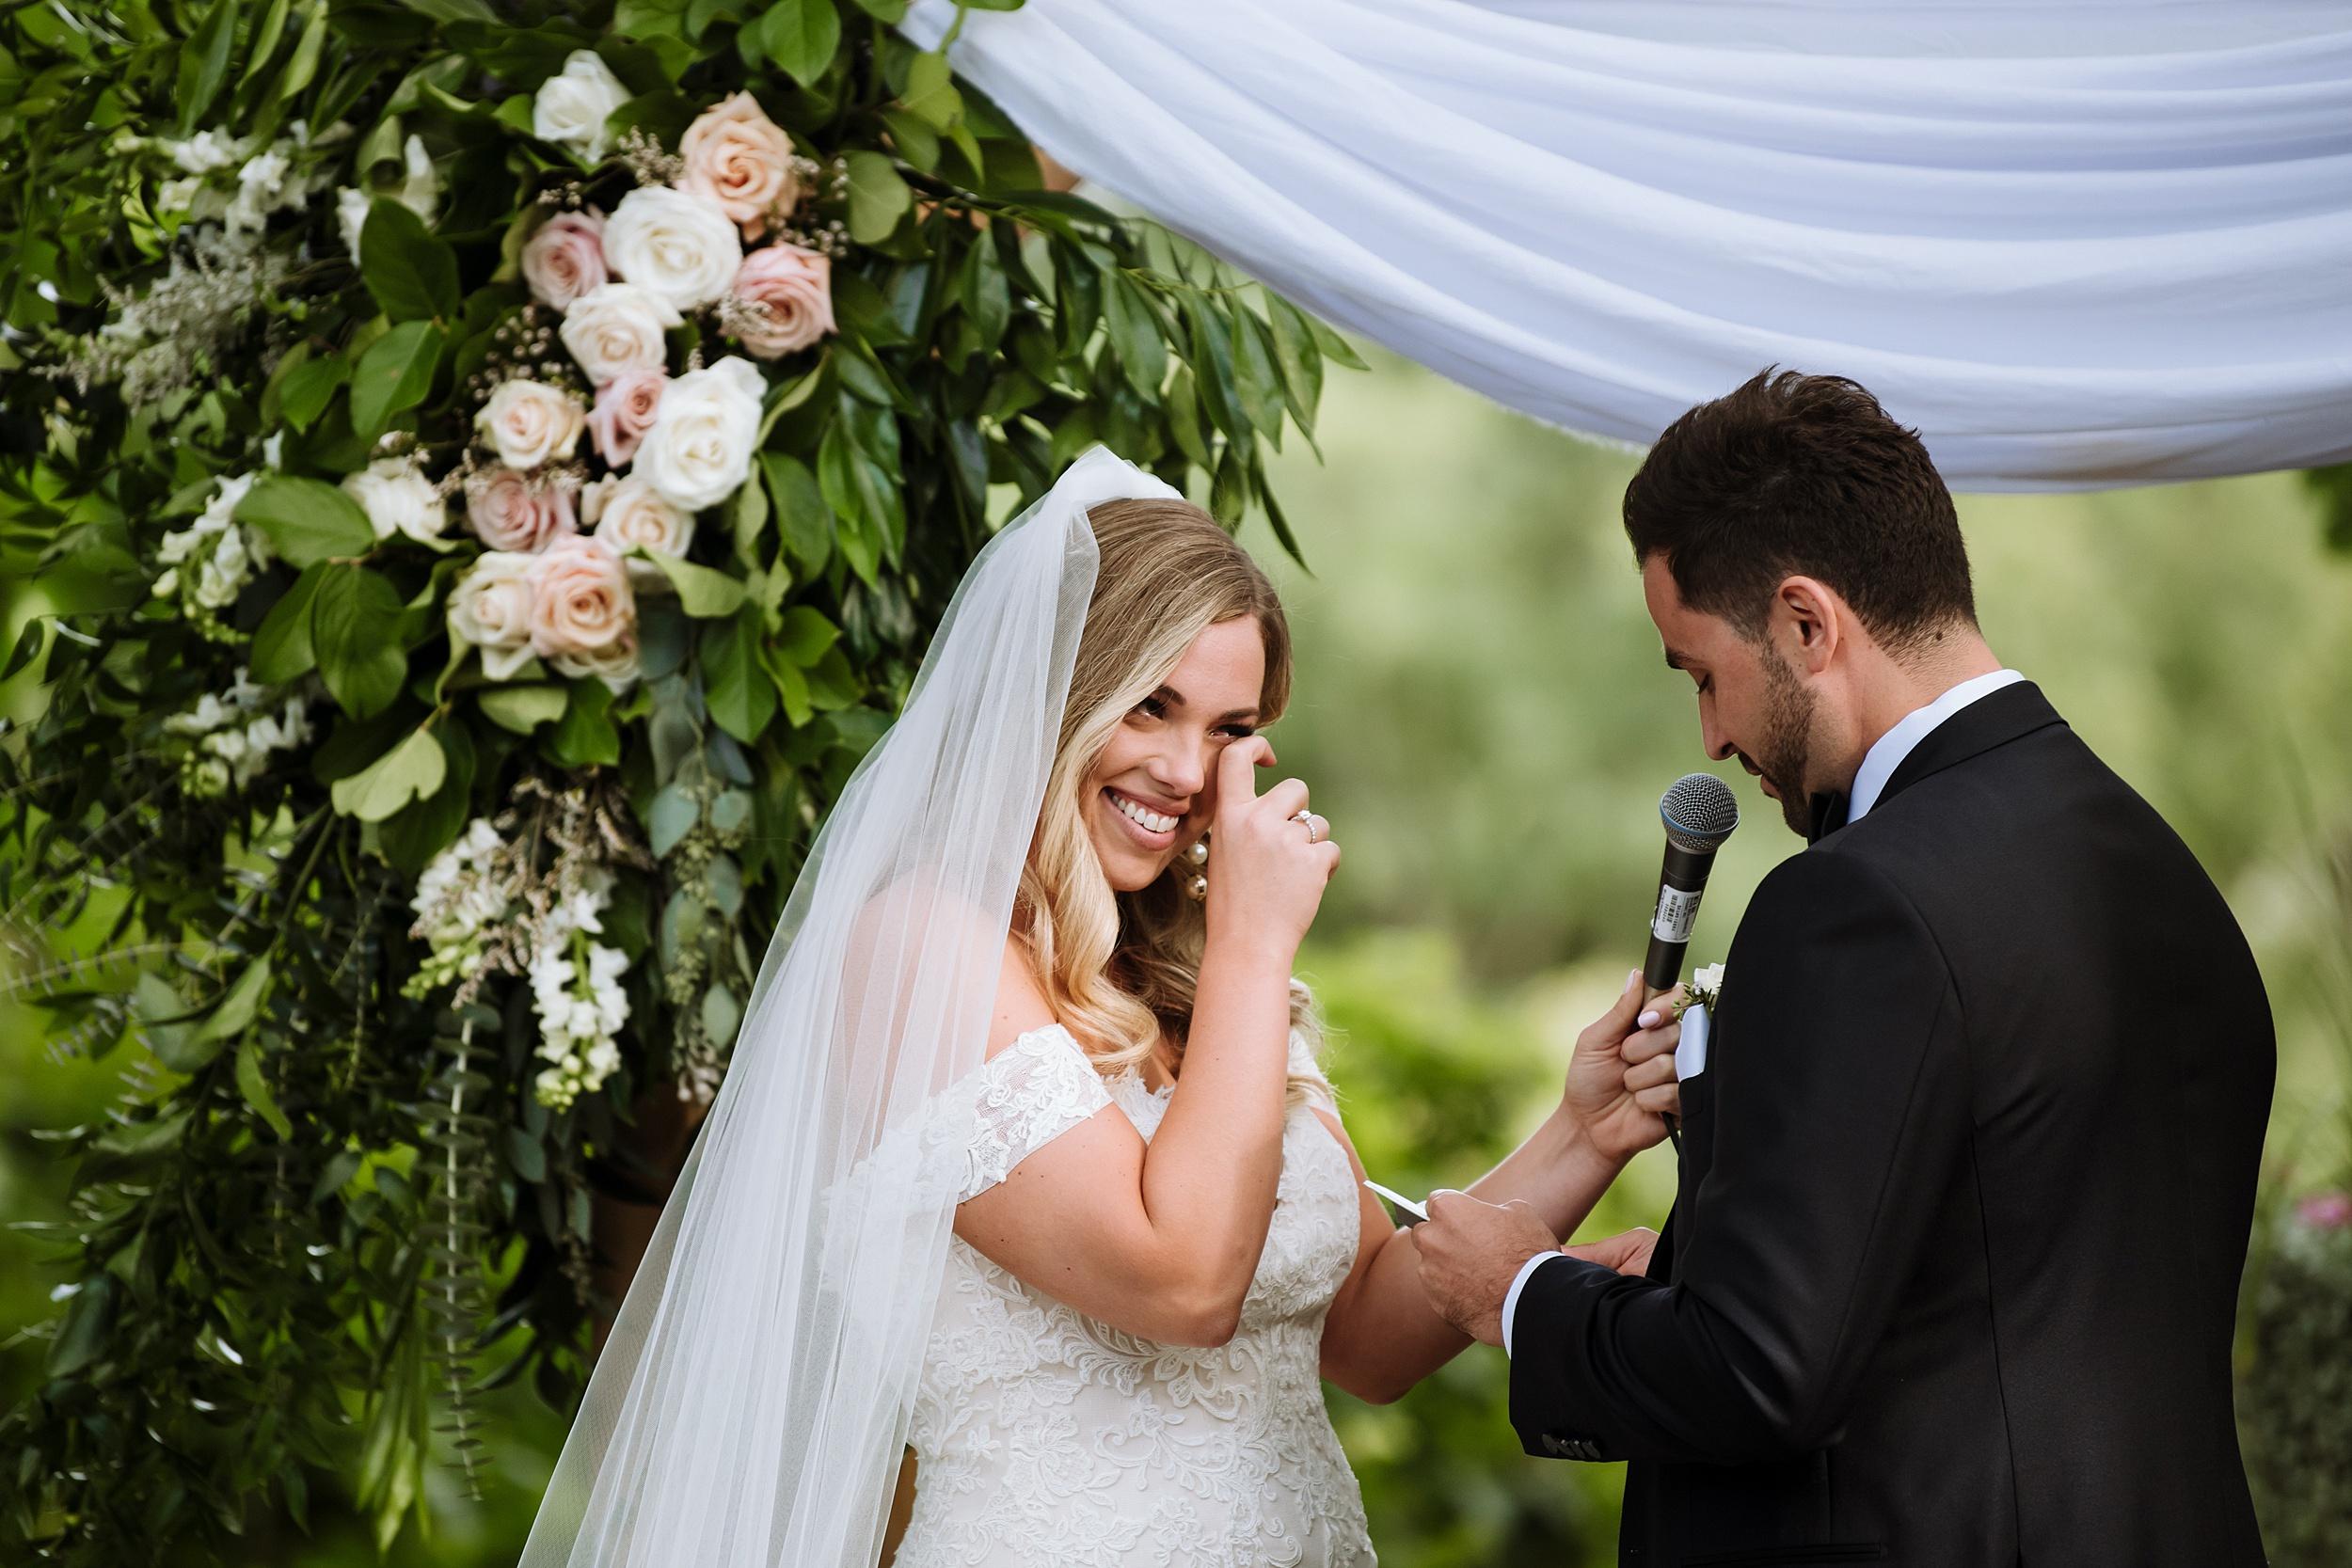 Rustic_Backyard_Wedding_Toronto_Photographer104.jpg